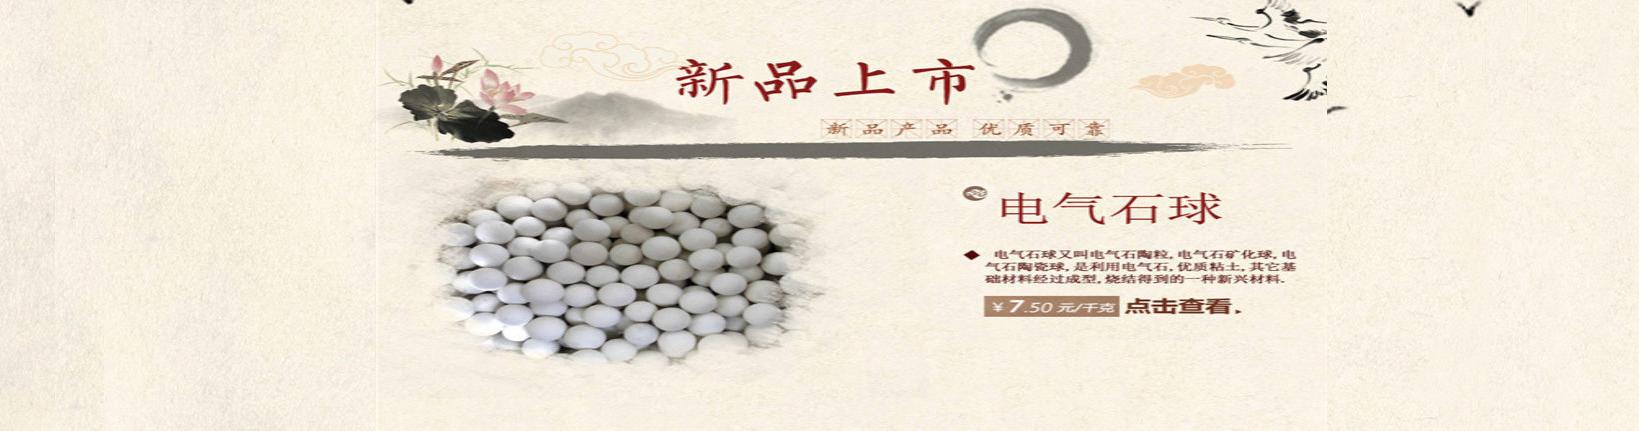 灵寿县玛琳矿产品加工厂